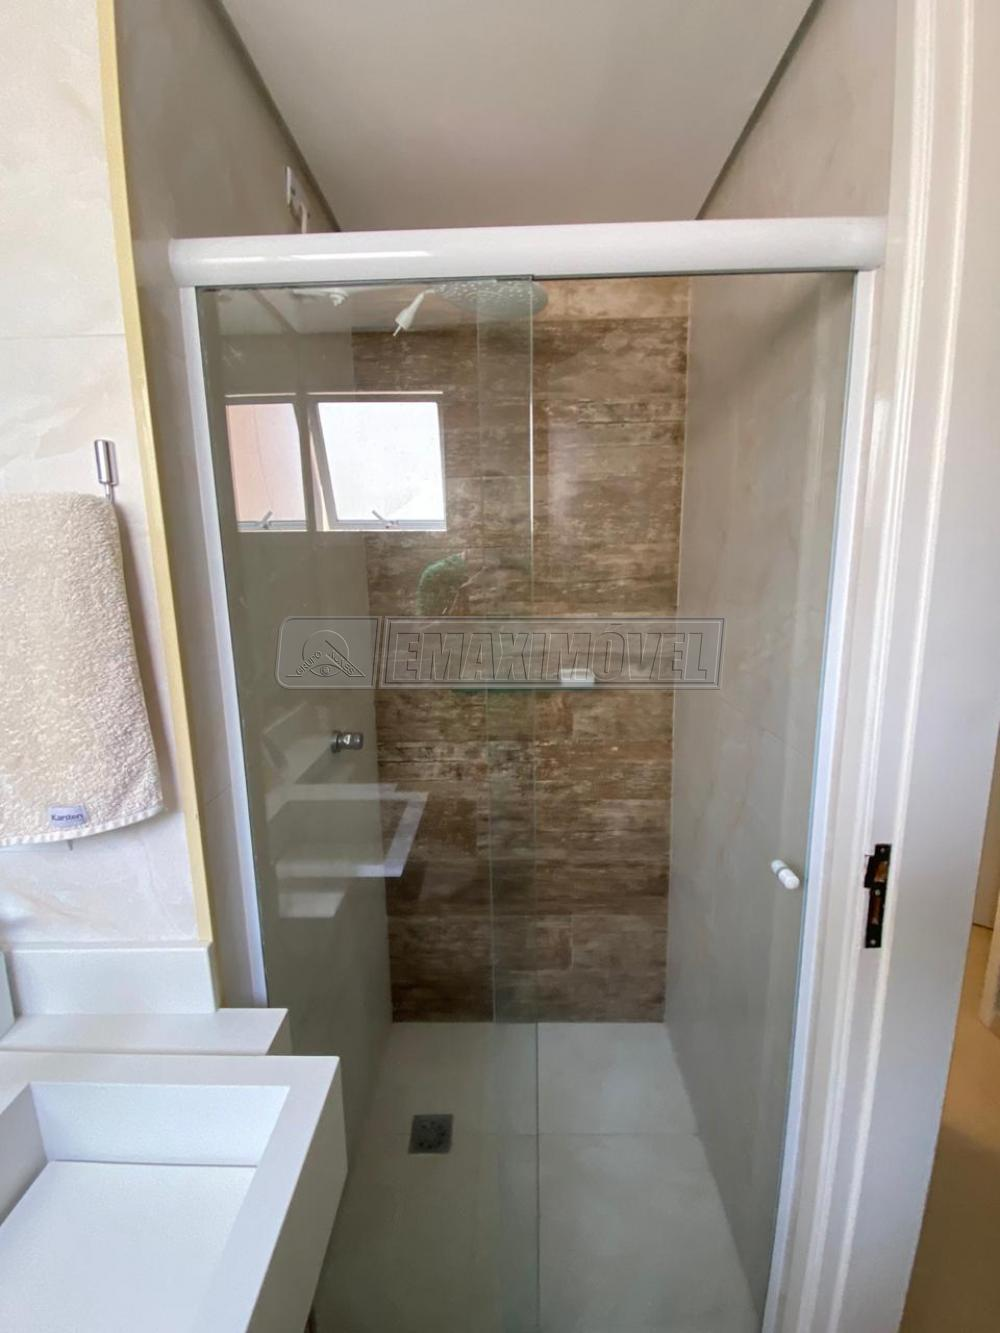 Comprar Apartamentos / Apto Padrão em Sorocaba apenas R$ 290.000,00 - Foto 11